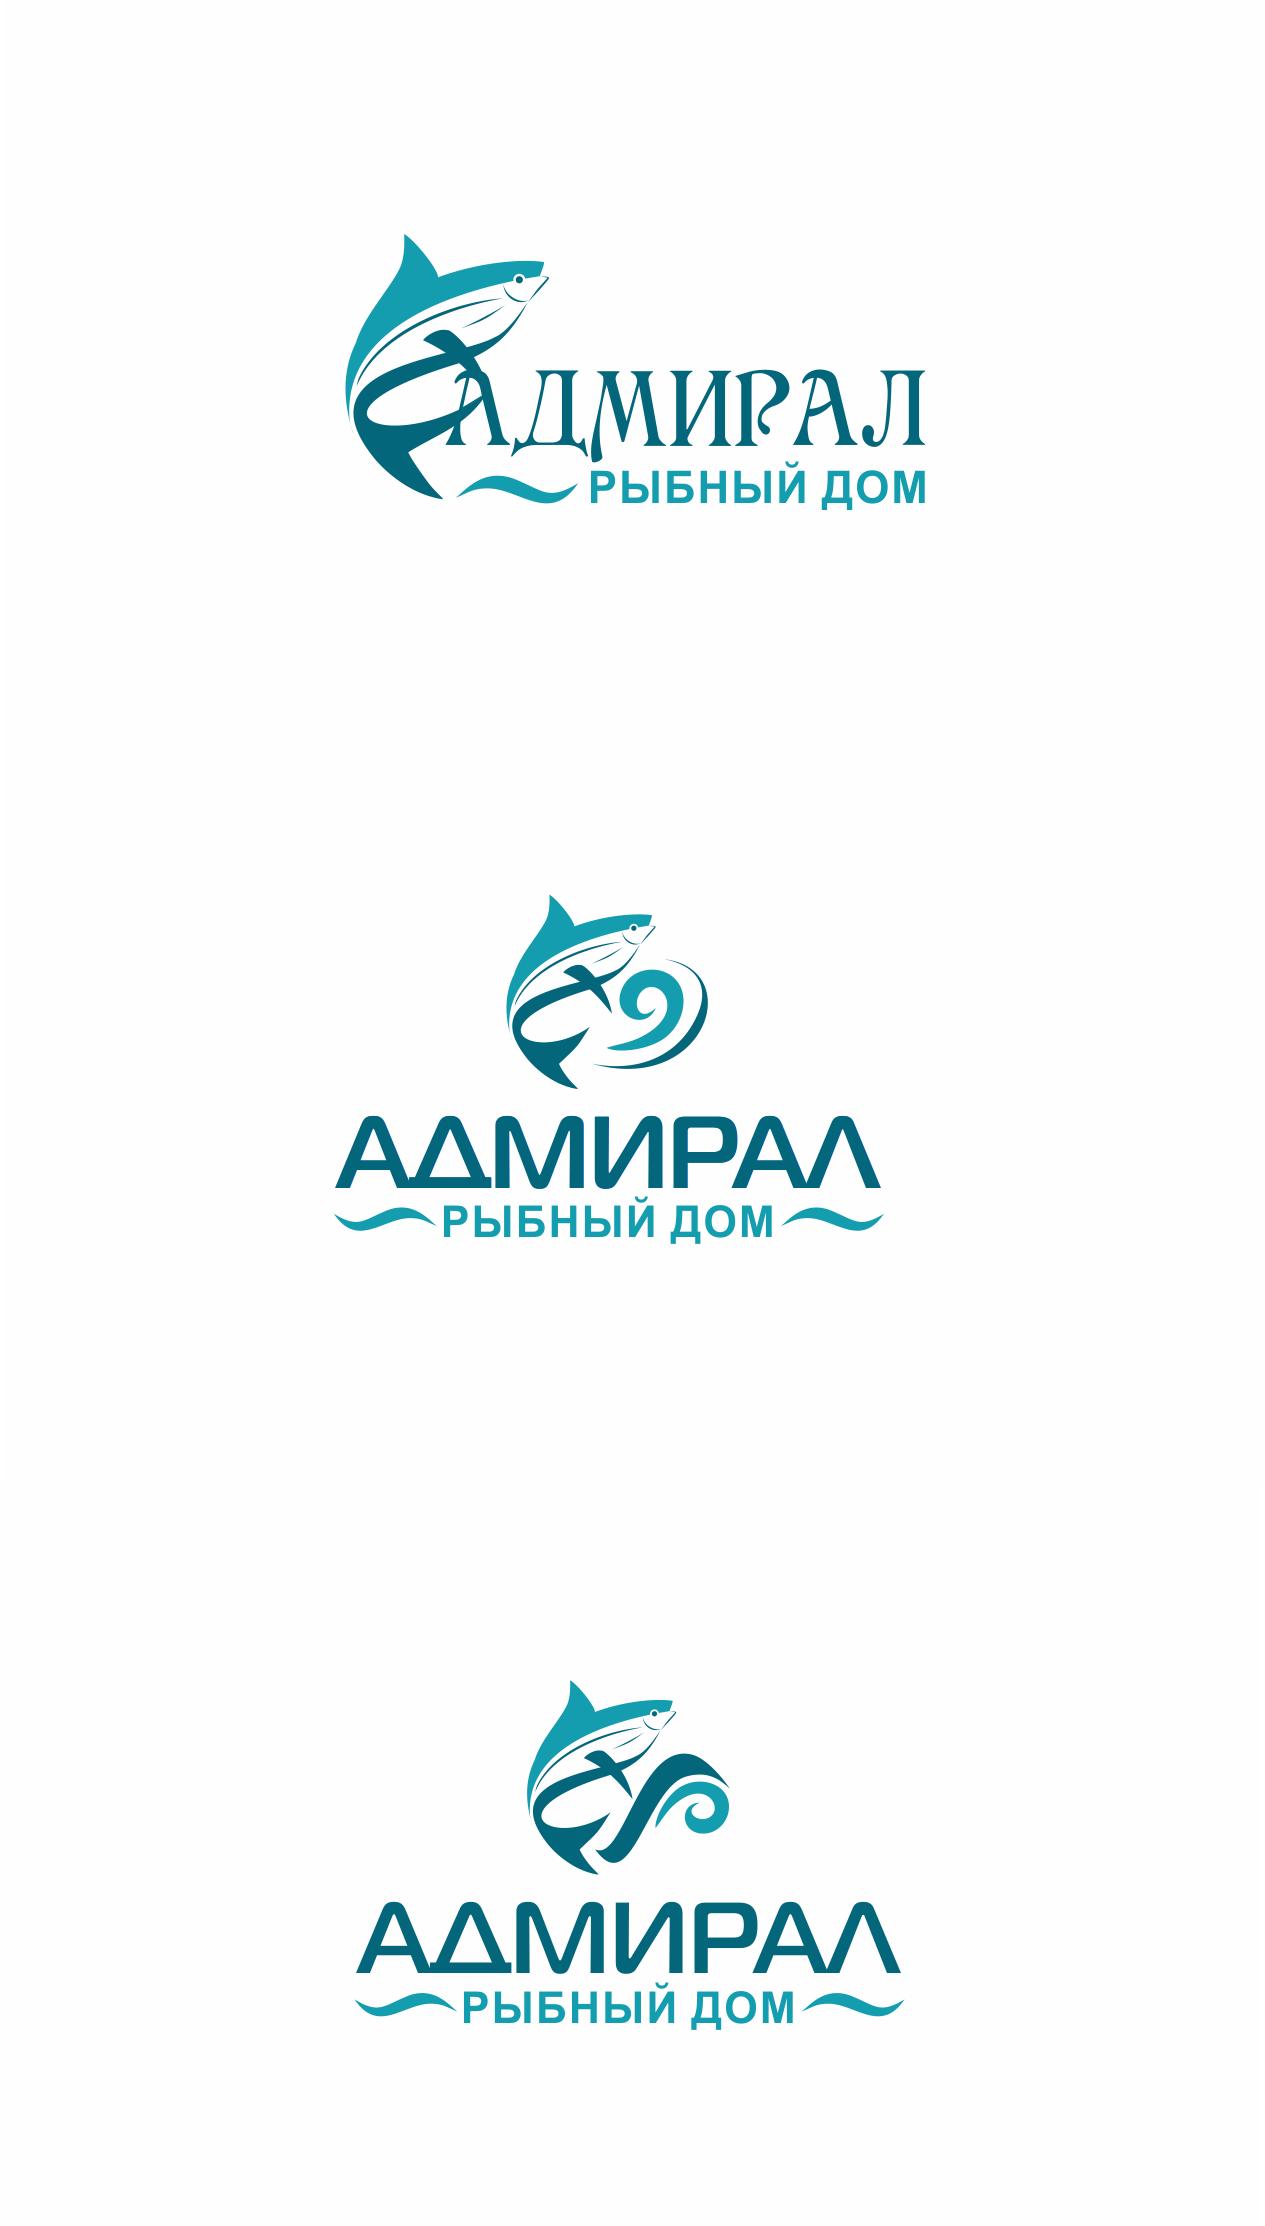 Разработка фирменного стиля для рыбного магазина фото f_1185a0532a45fac7.png